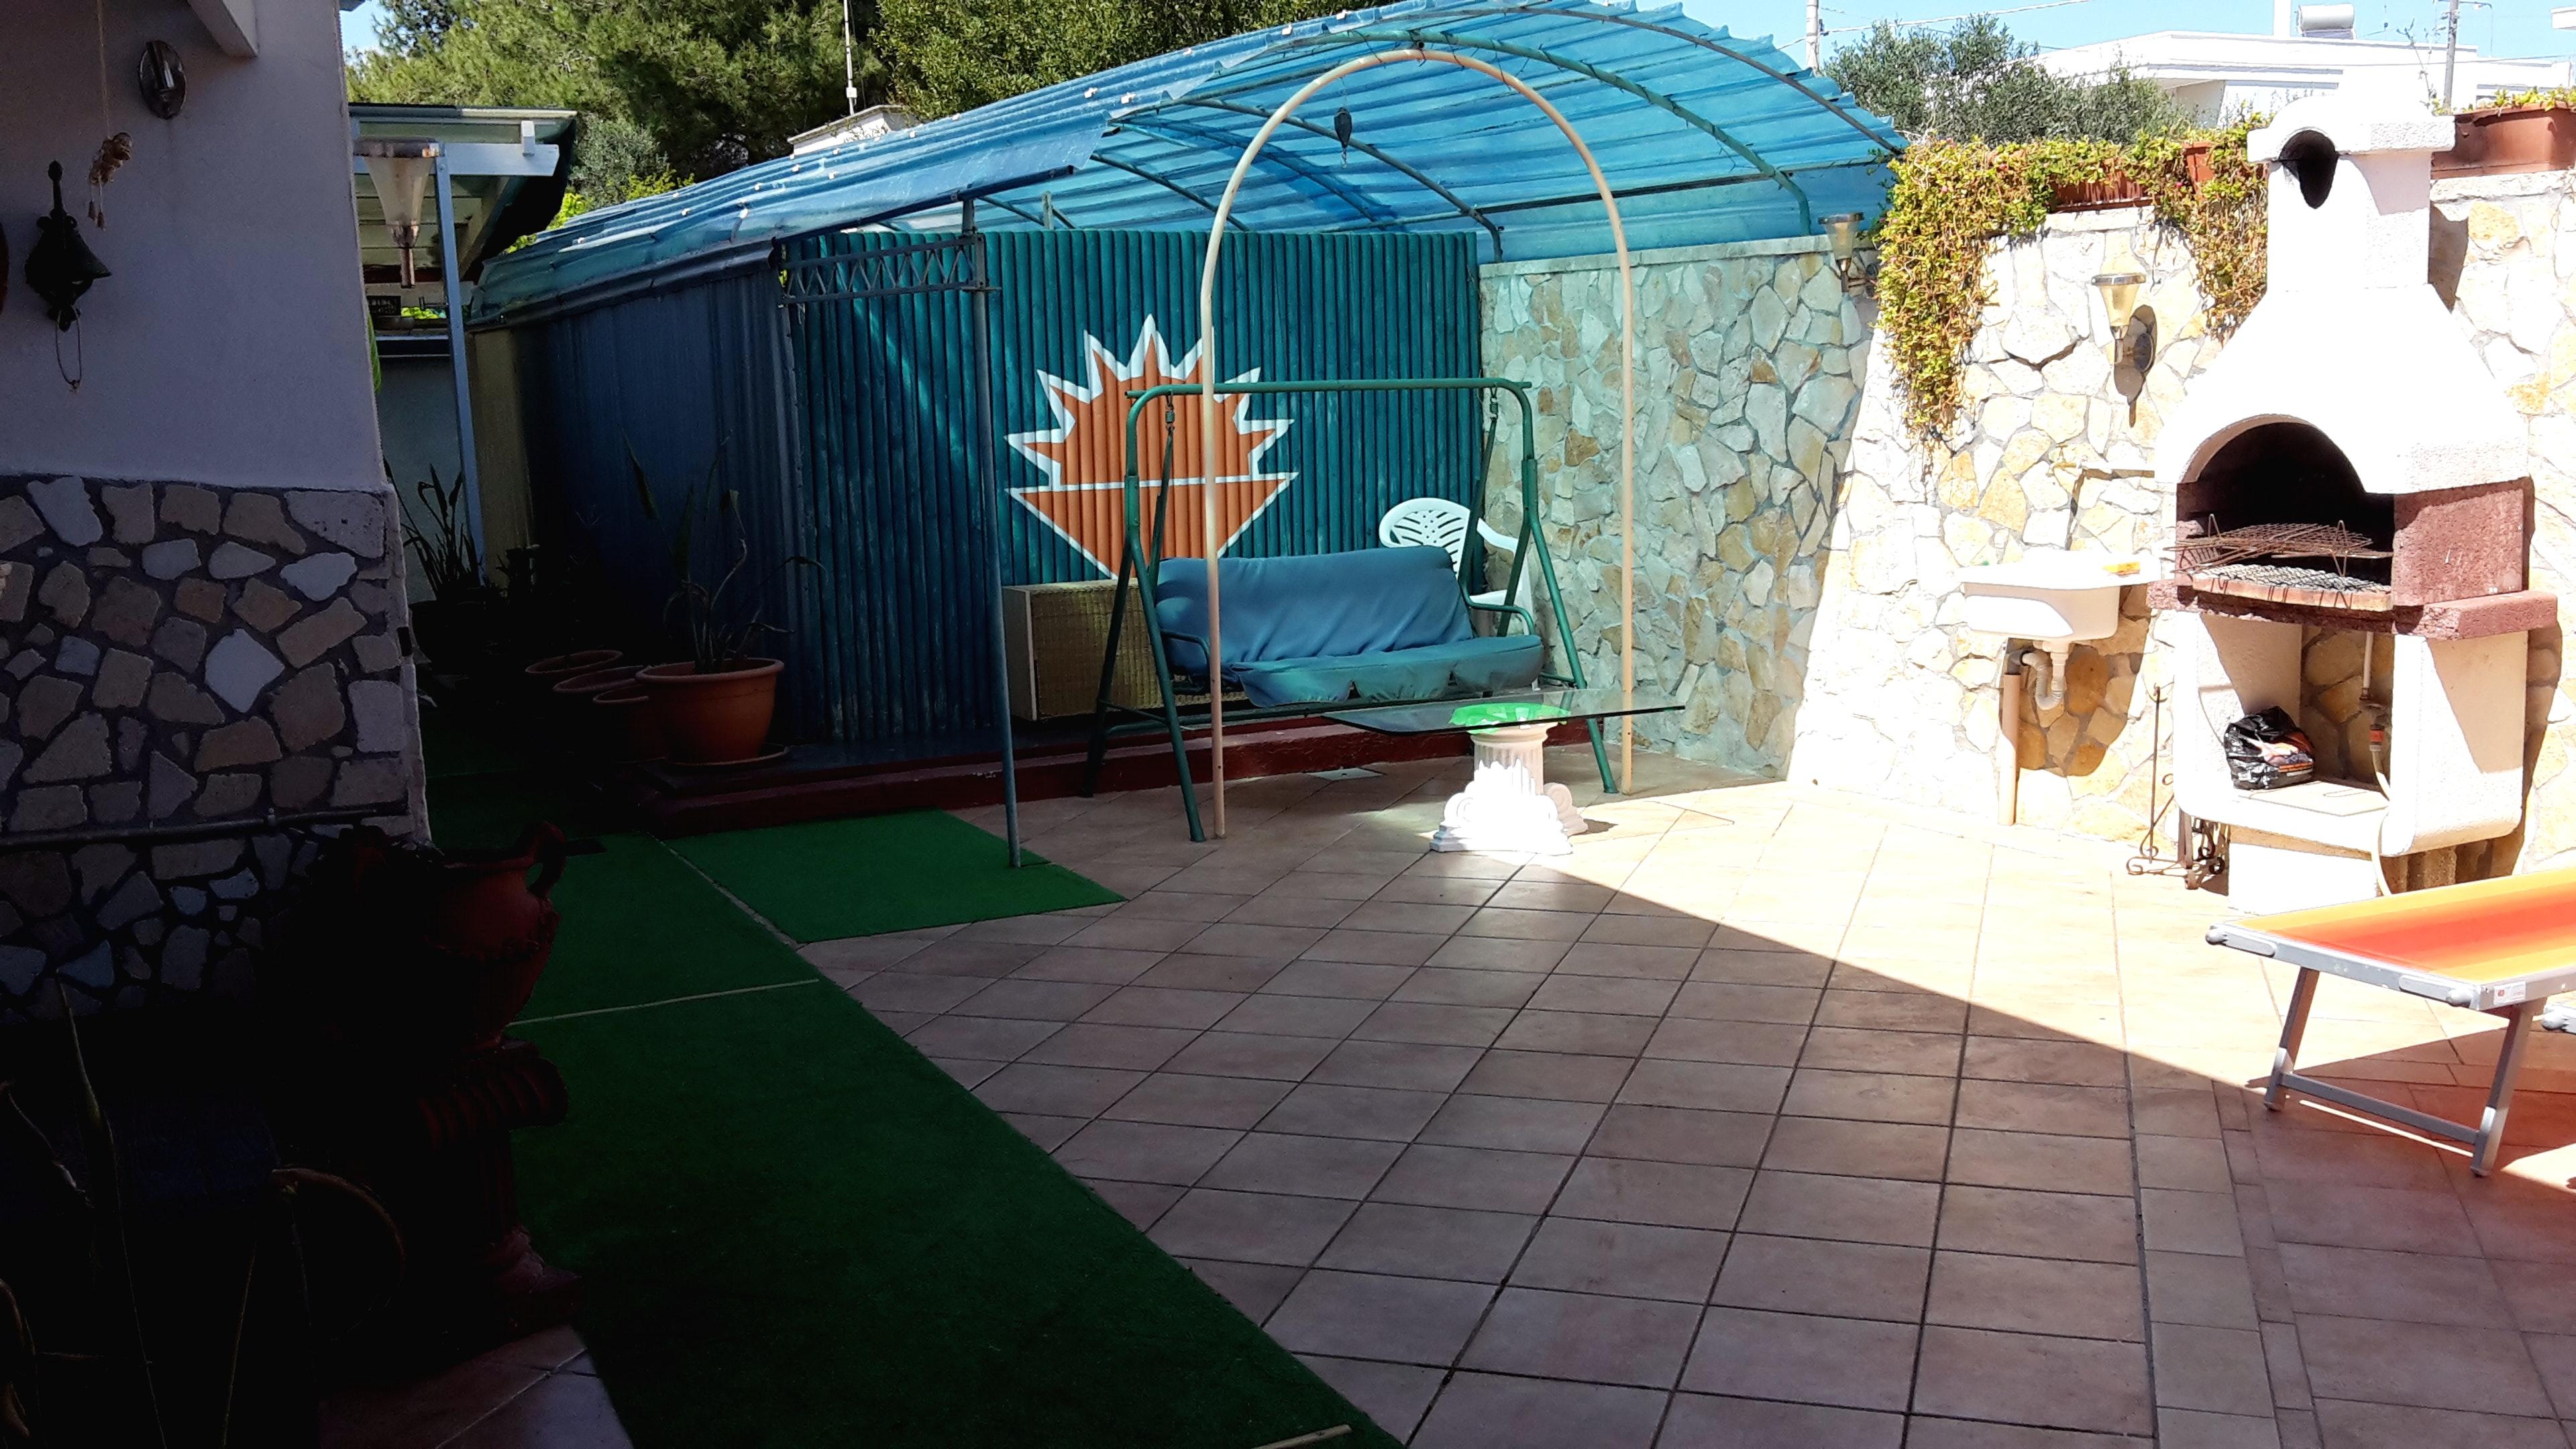 Ferienhaus Haus mit 2 Schlafzimmern in Porto Cesareo (Lecce) mit Pool, möbliertem Garten und W-LAN (2201032), Porto Cesareo, Lecce, Apulien, Italien, Bild 6